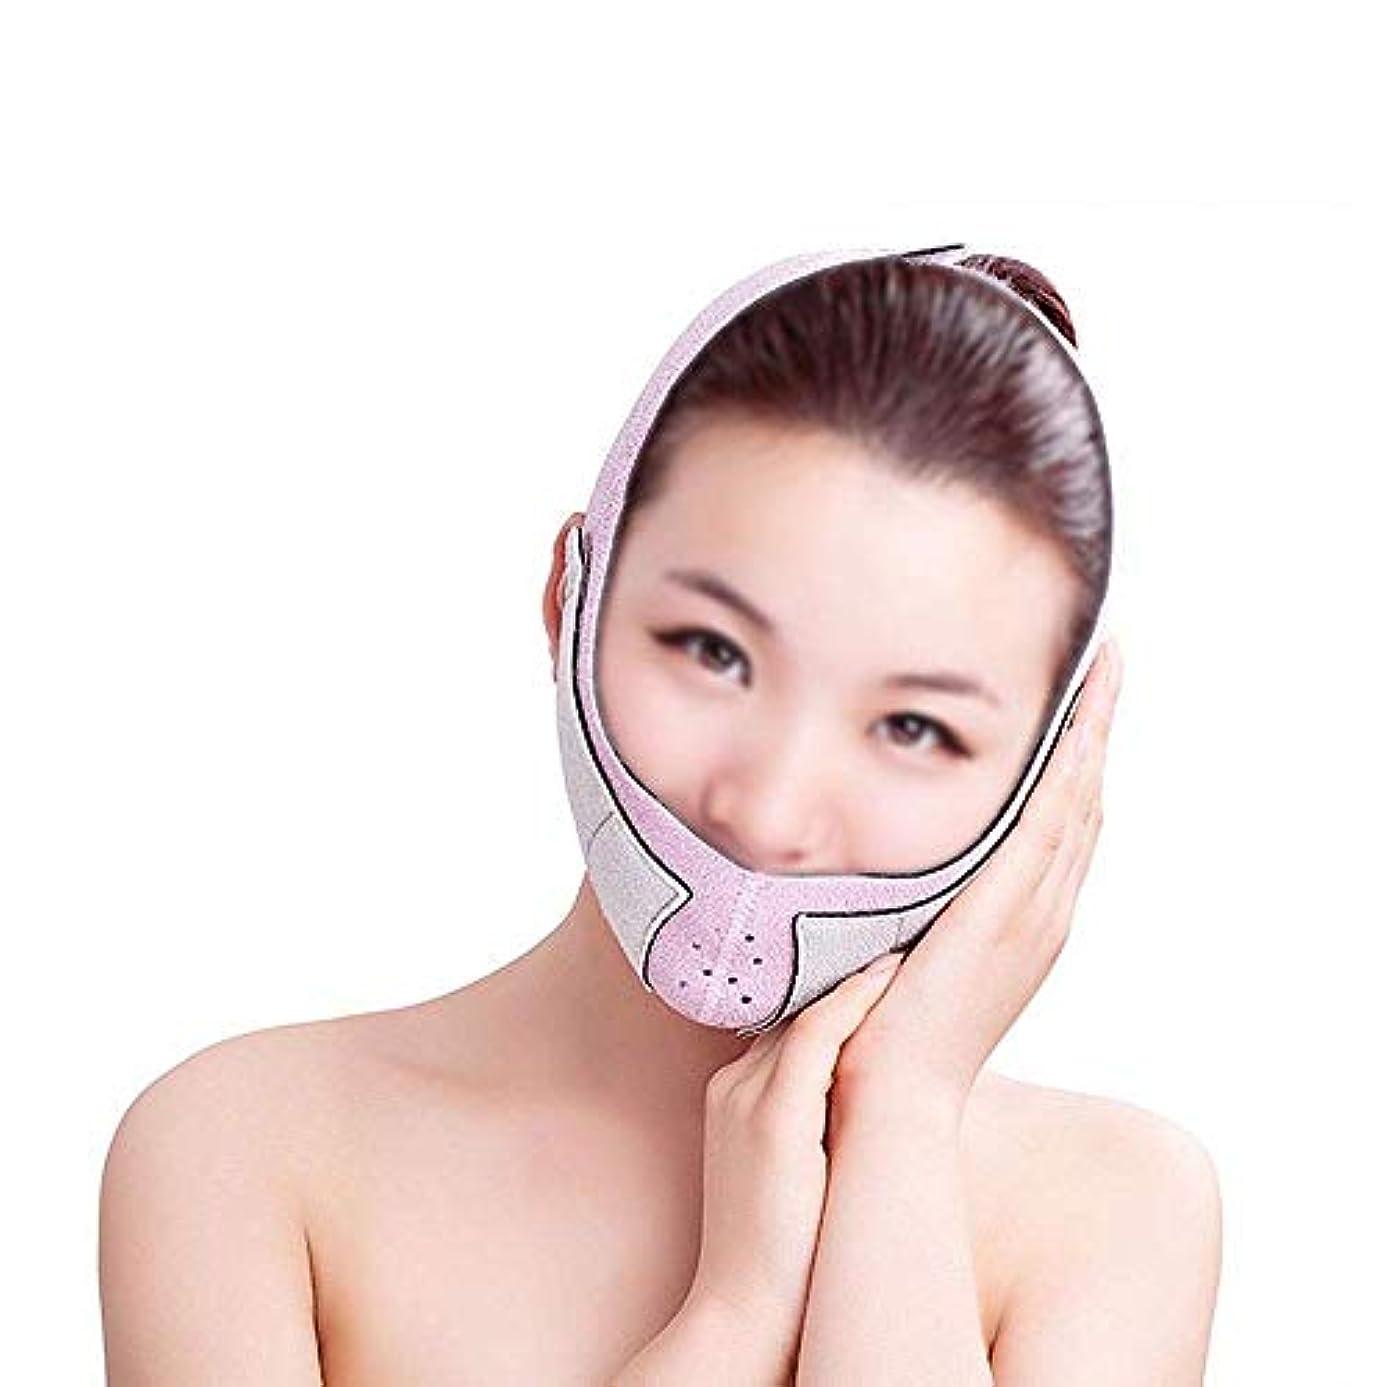 カウンターパート意志ヒットフェイスリフトマスク、スリミングベルト薄いフェイスマスク強力なリフティング小さなV顔薄い顔包帯美容顔リフティングデバイス